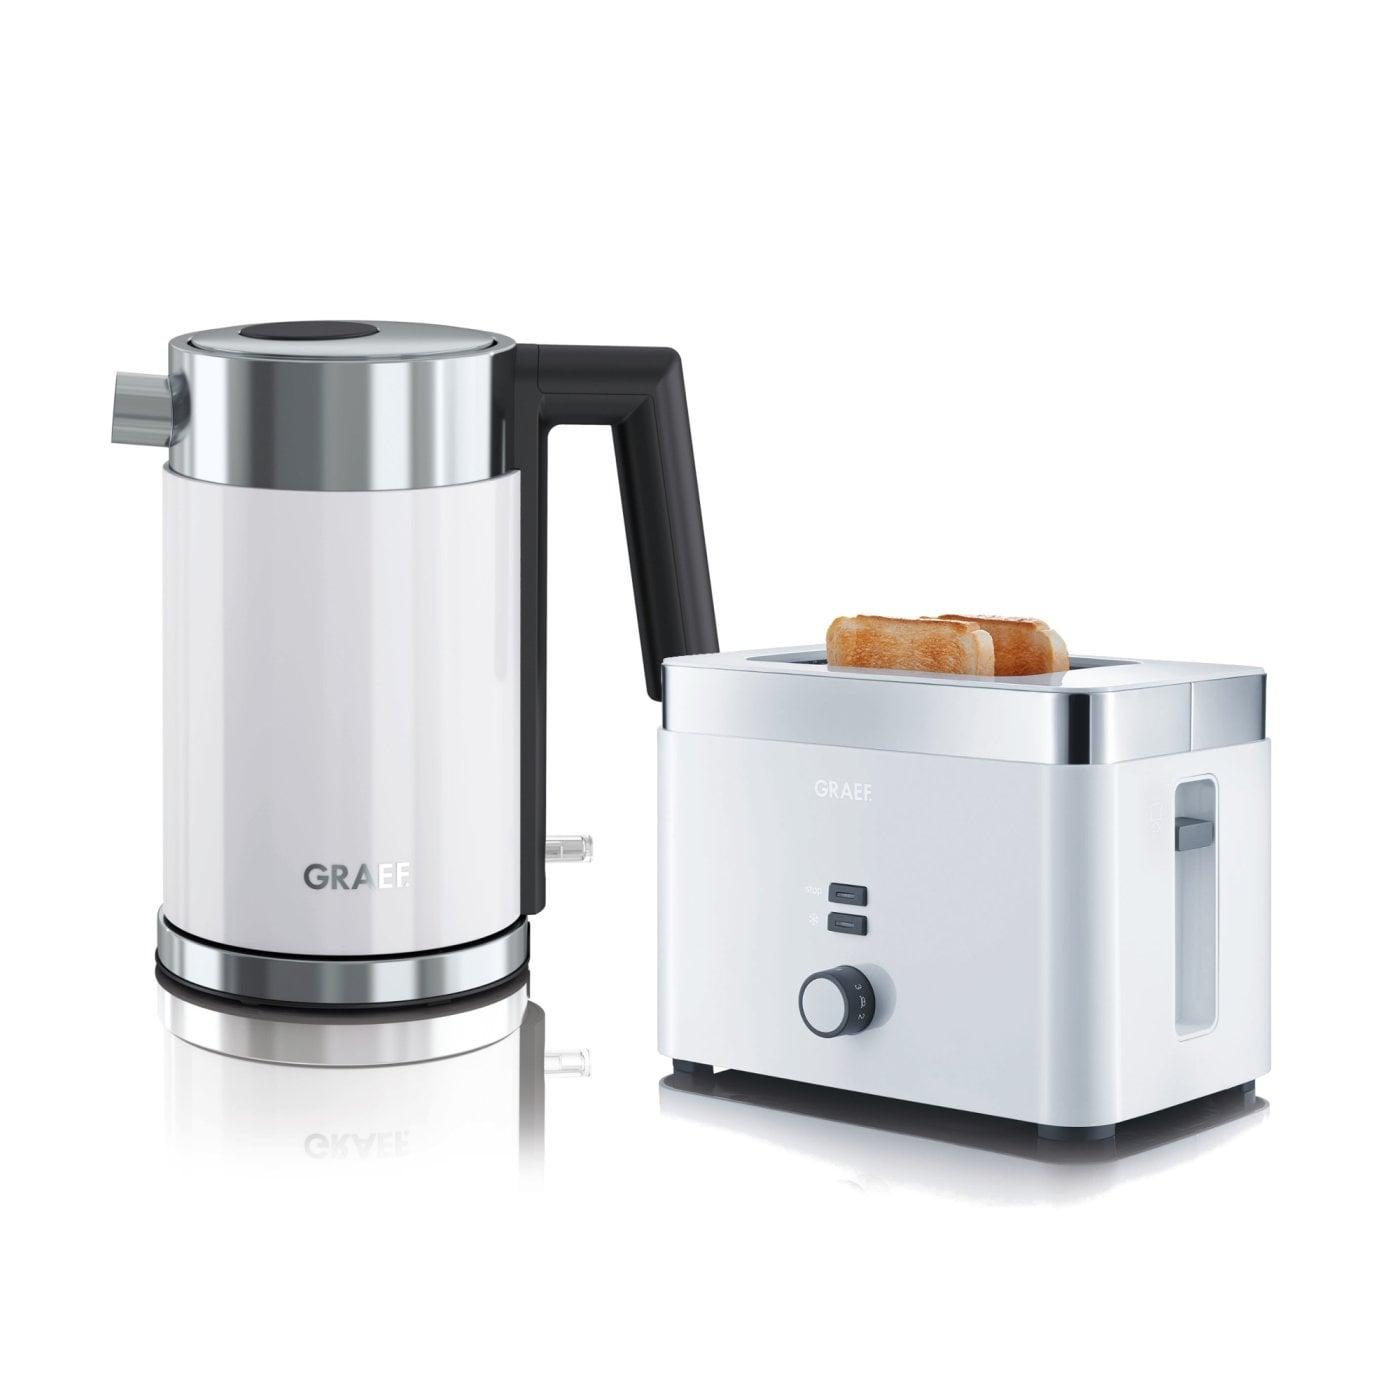 set wasserkocher toaster wk401eu und to61eu graef. Black Bedroom Furniture Sets. Home Design Ideas